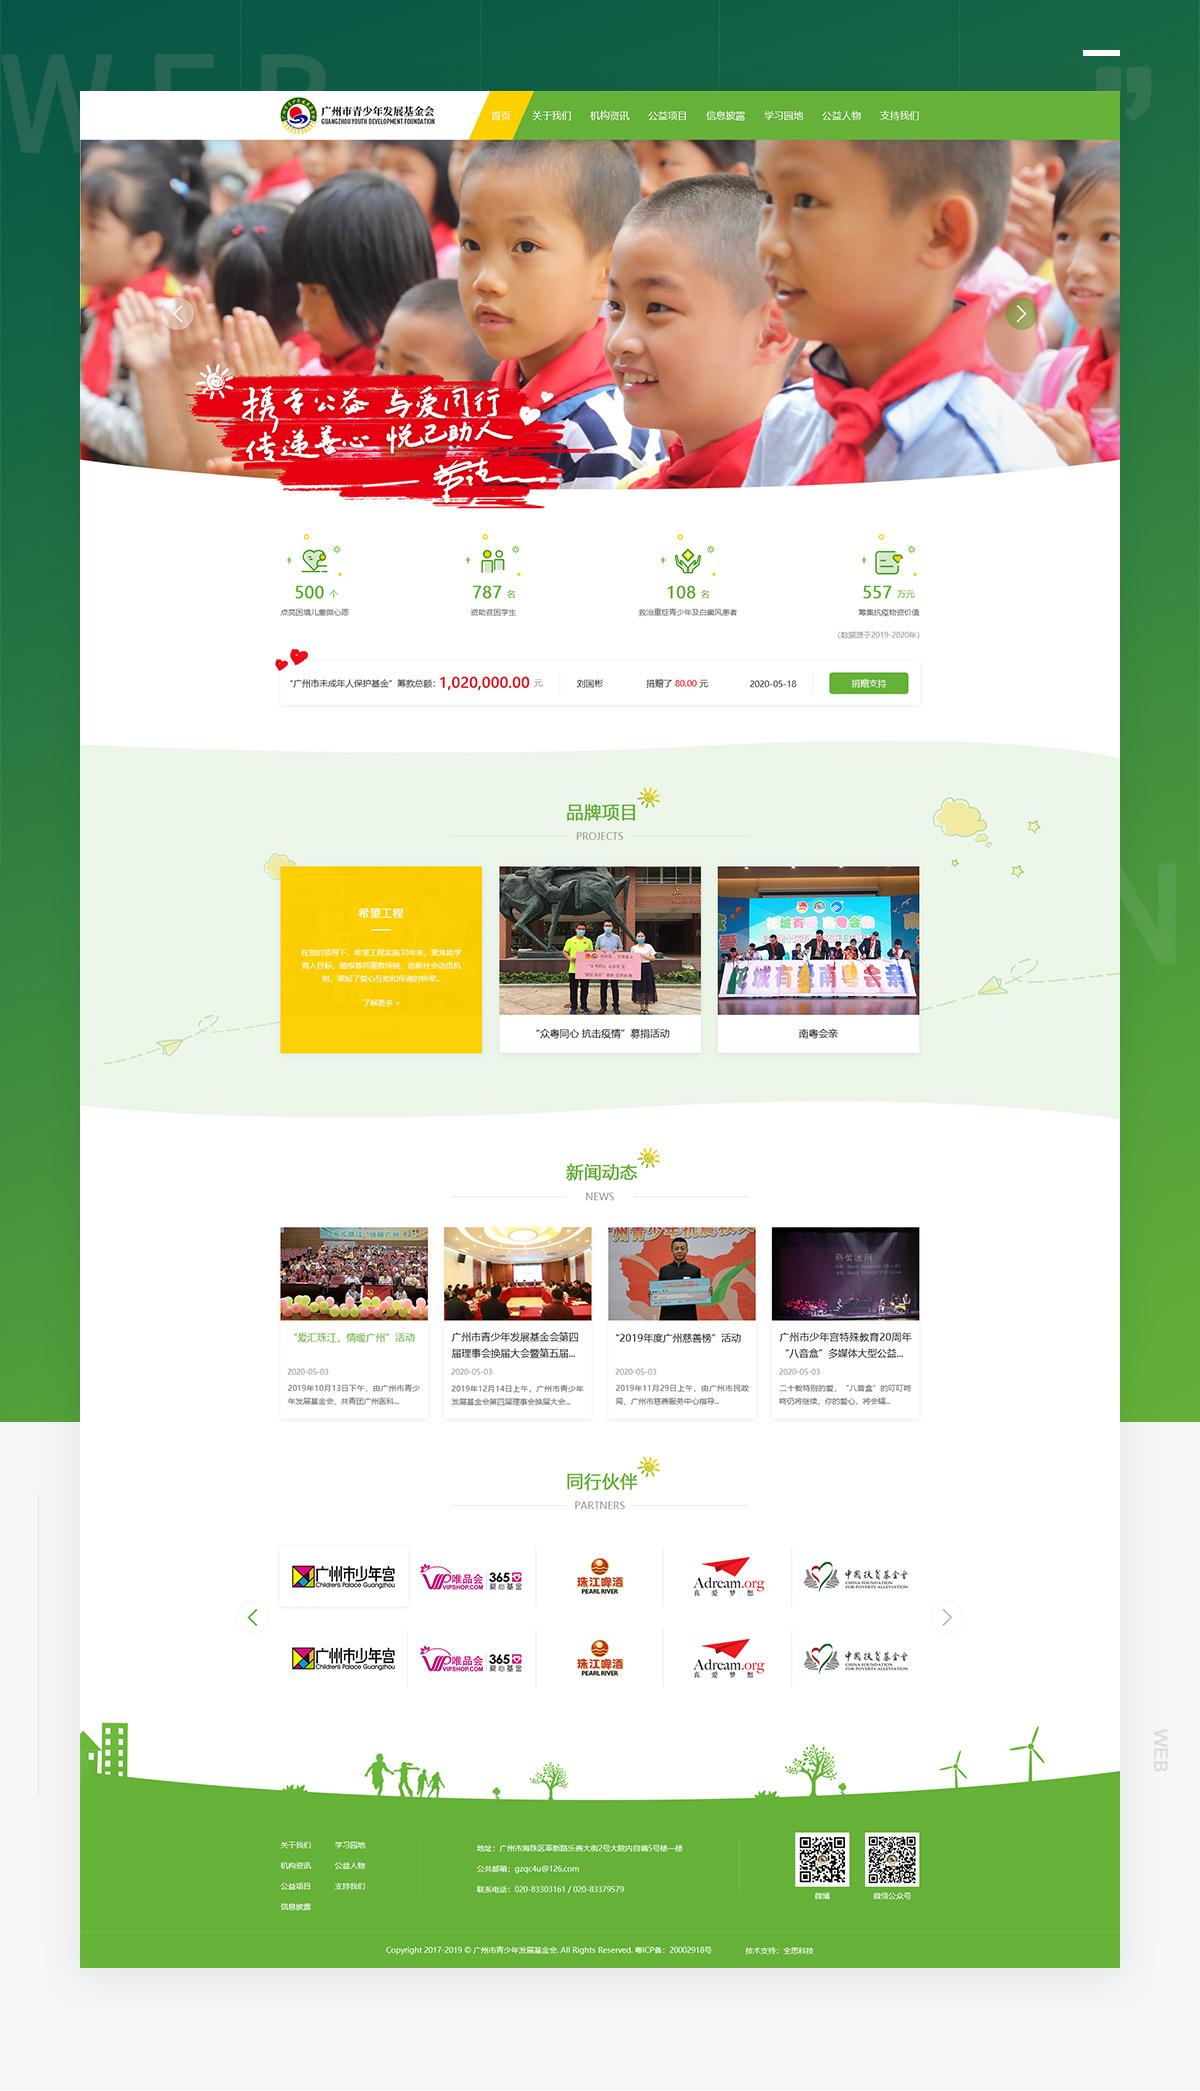 广州市青少年发展基金会官网